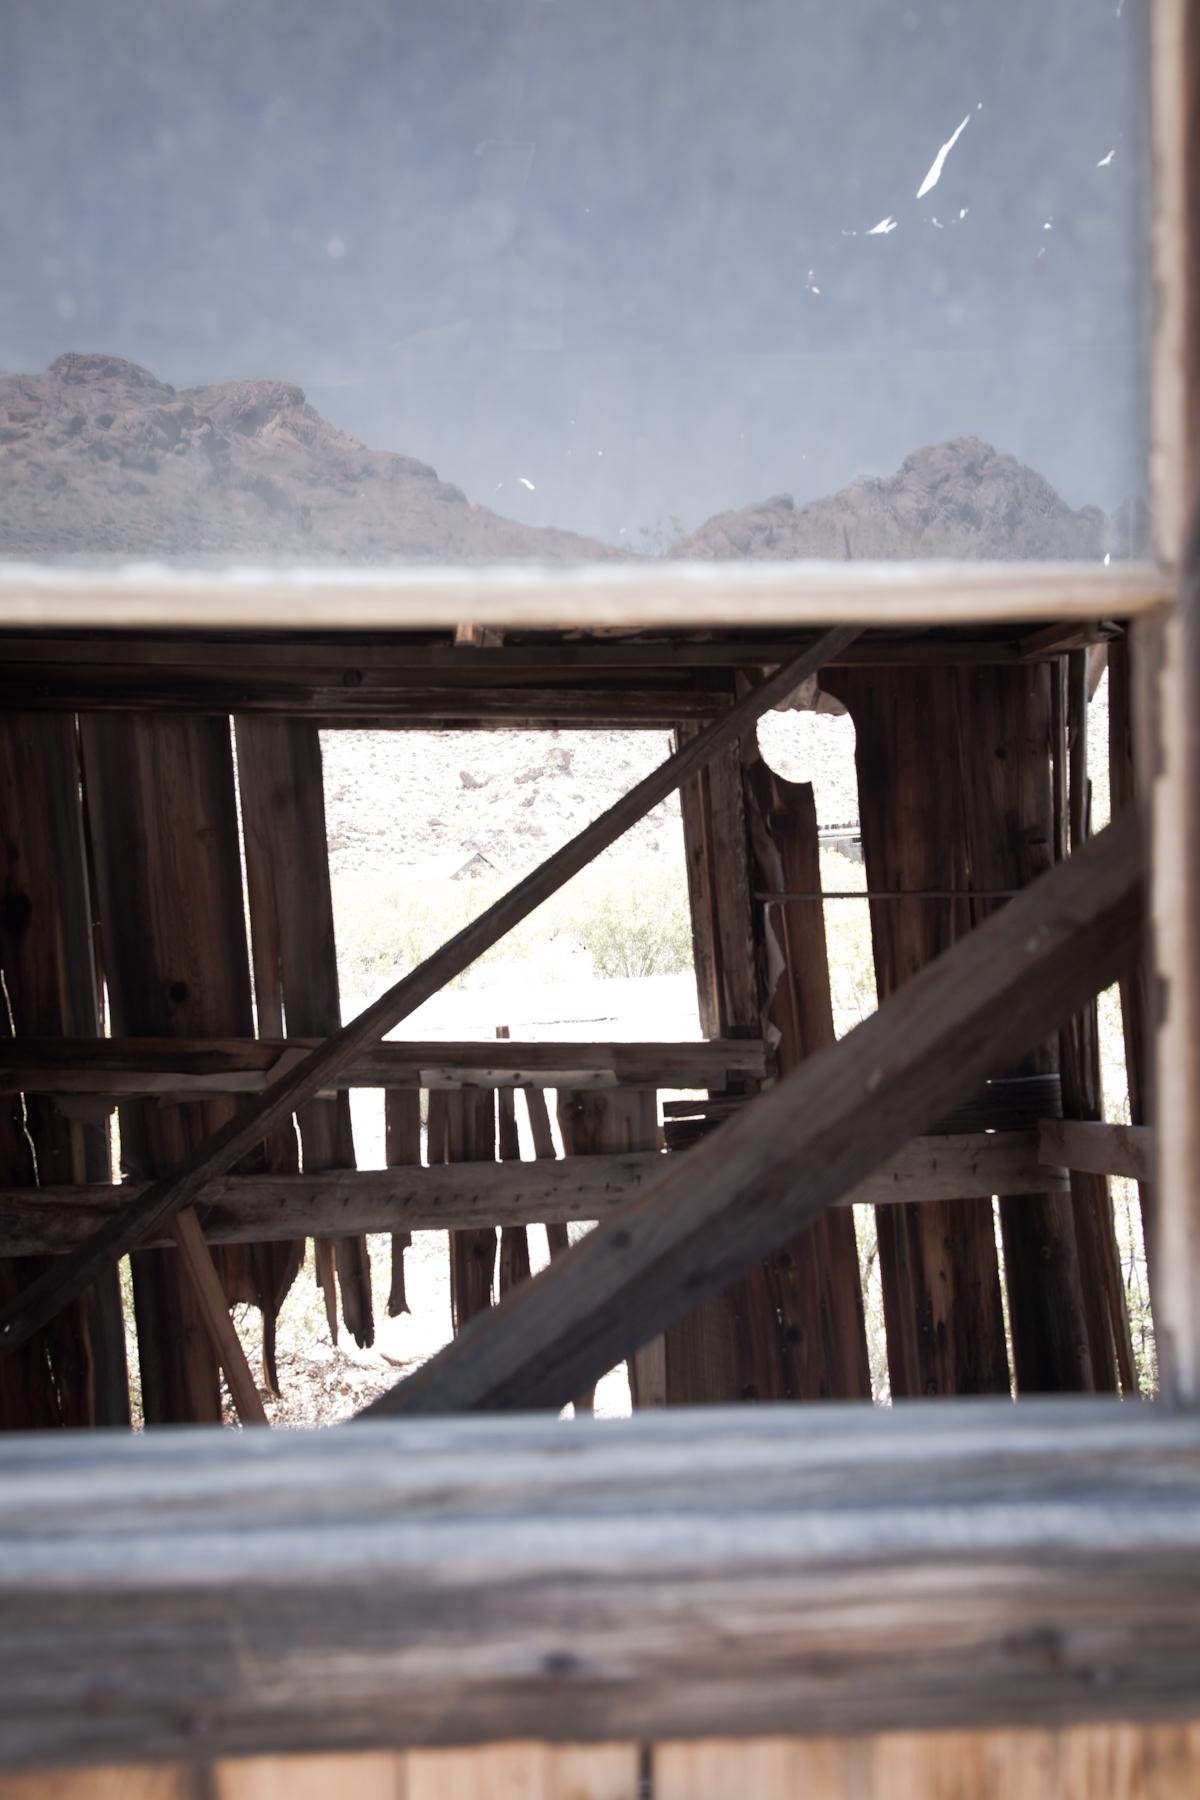 NevadaAbandoned-28.jpg